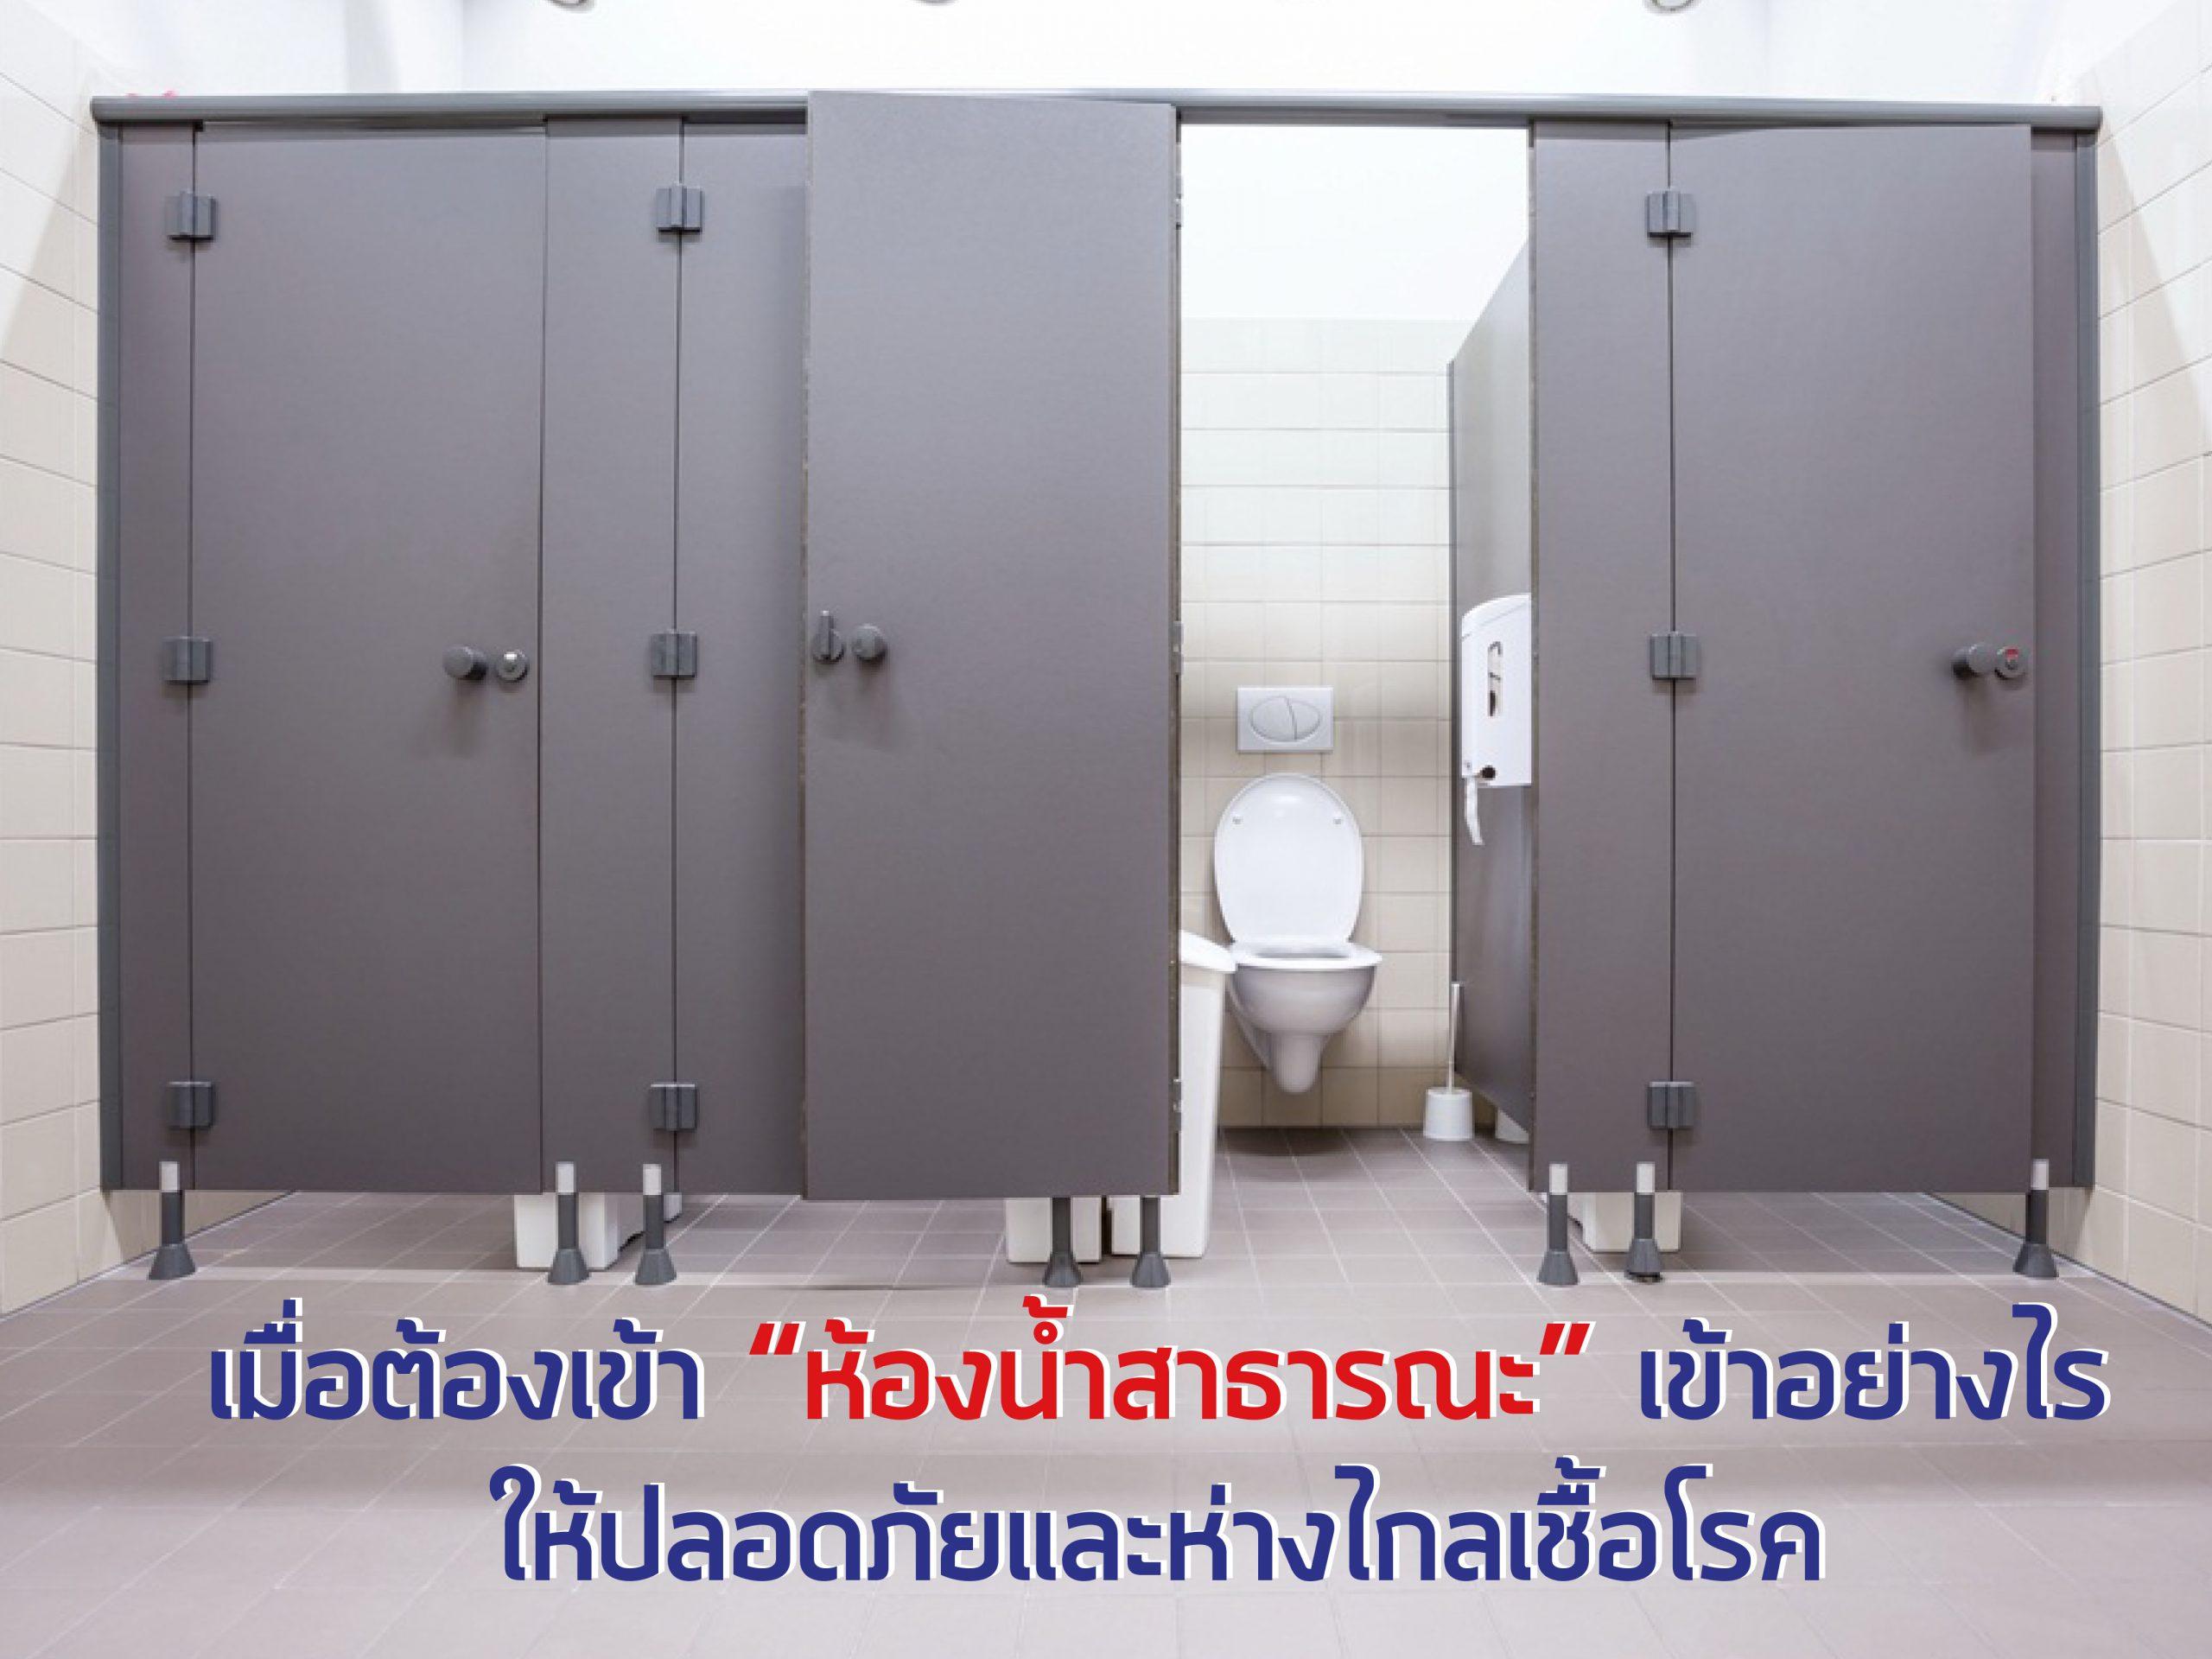 7 ข้อปฎิบัติในการใช้ห้องน้ำสาธารณะให้ปลอดเชื้อโรค